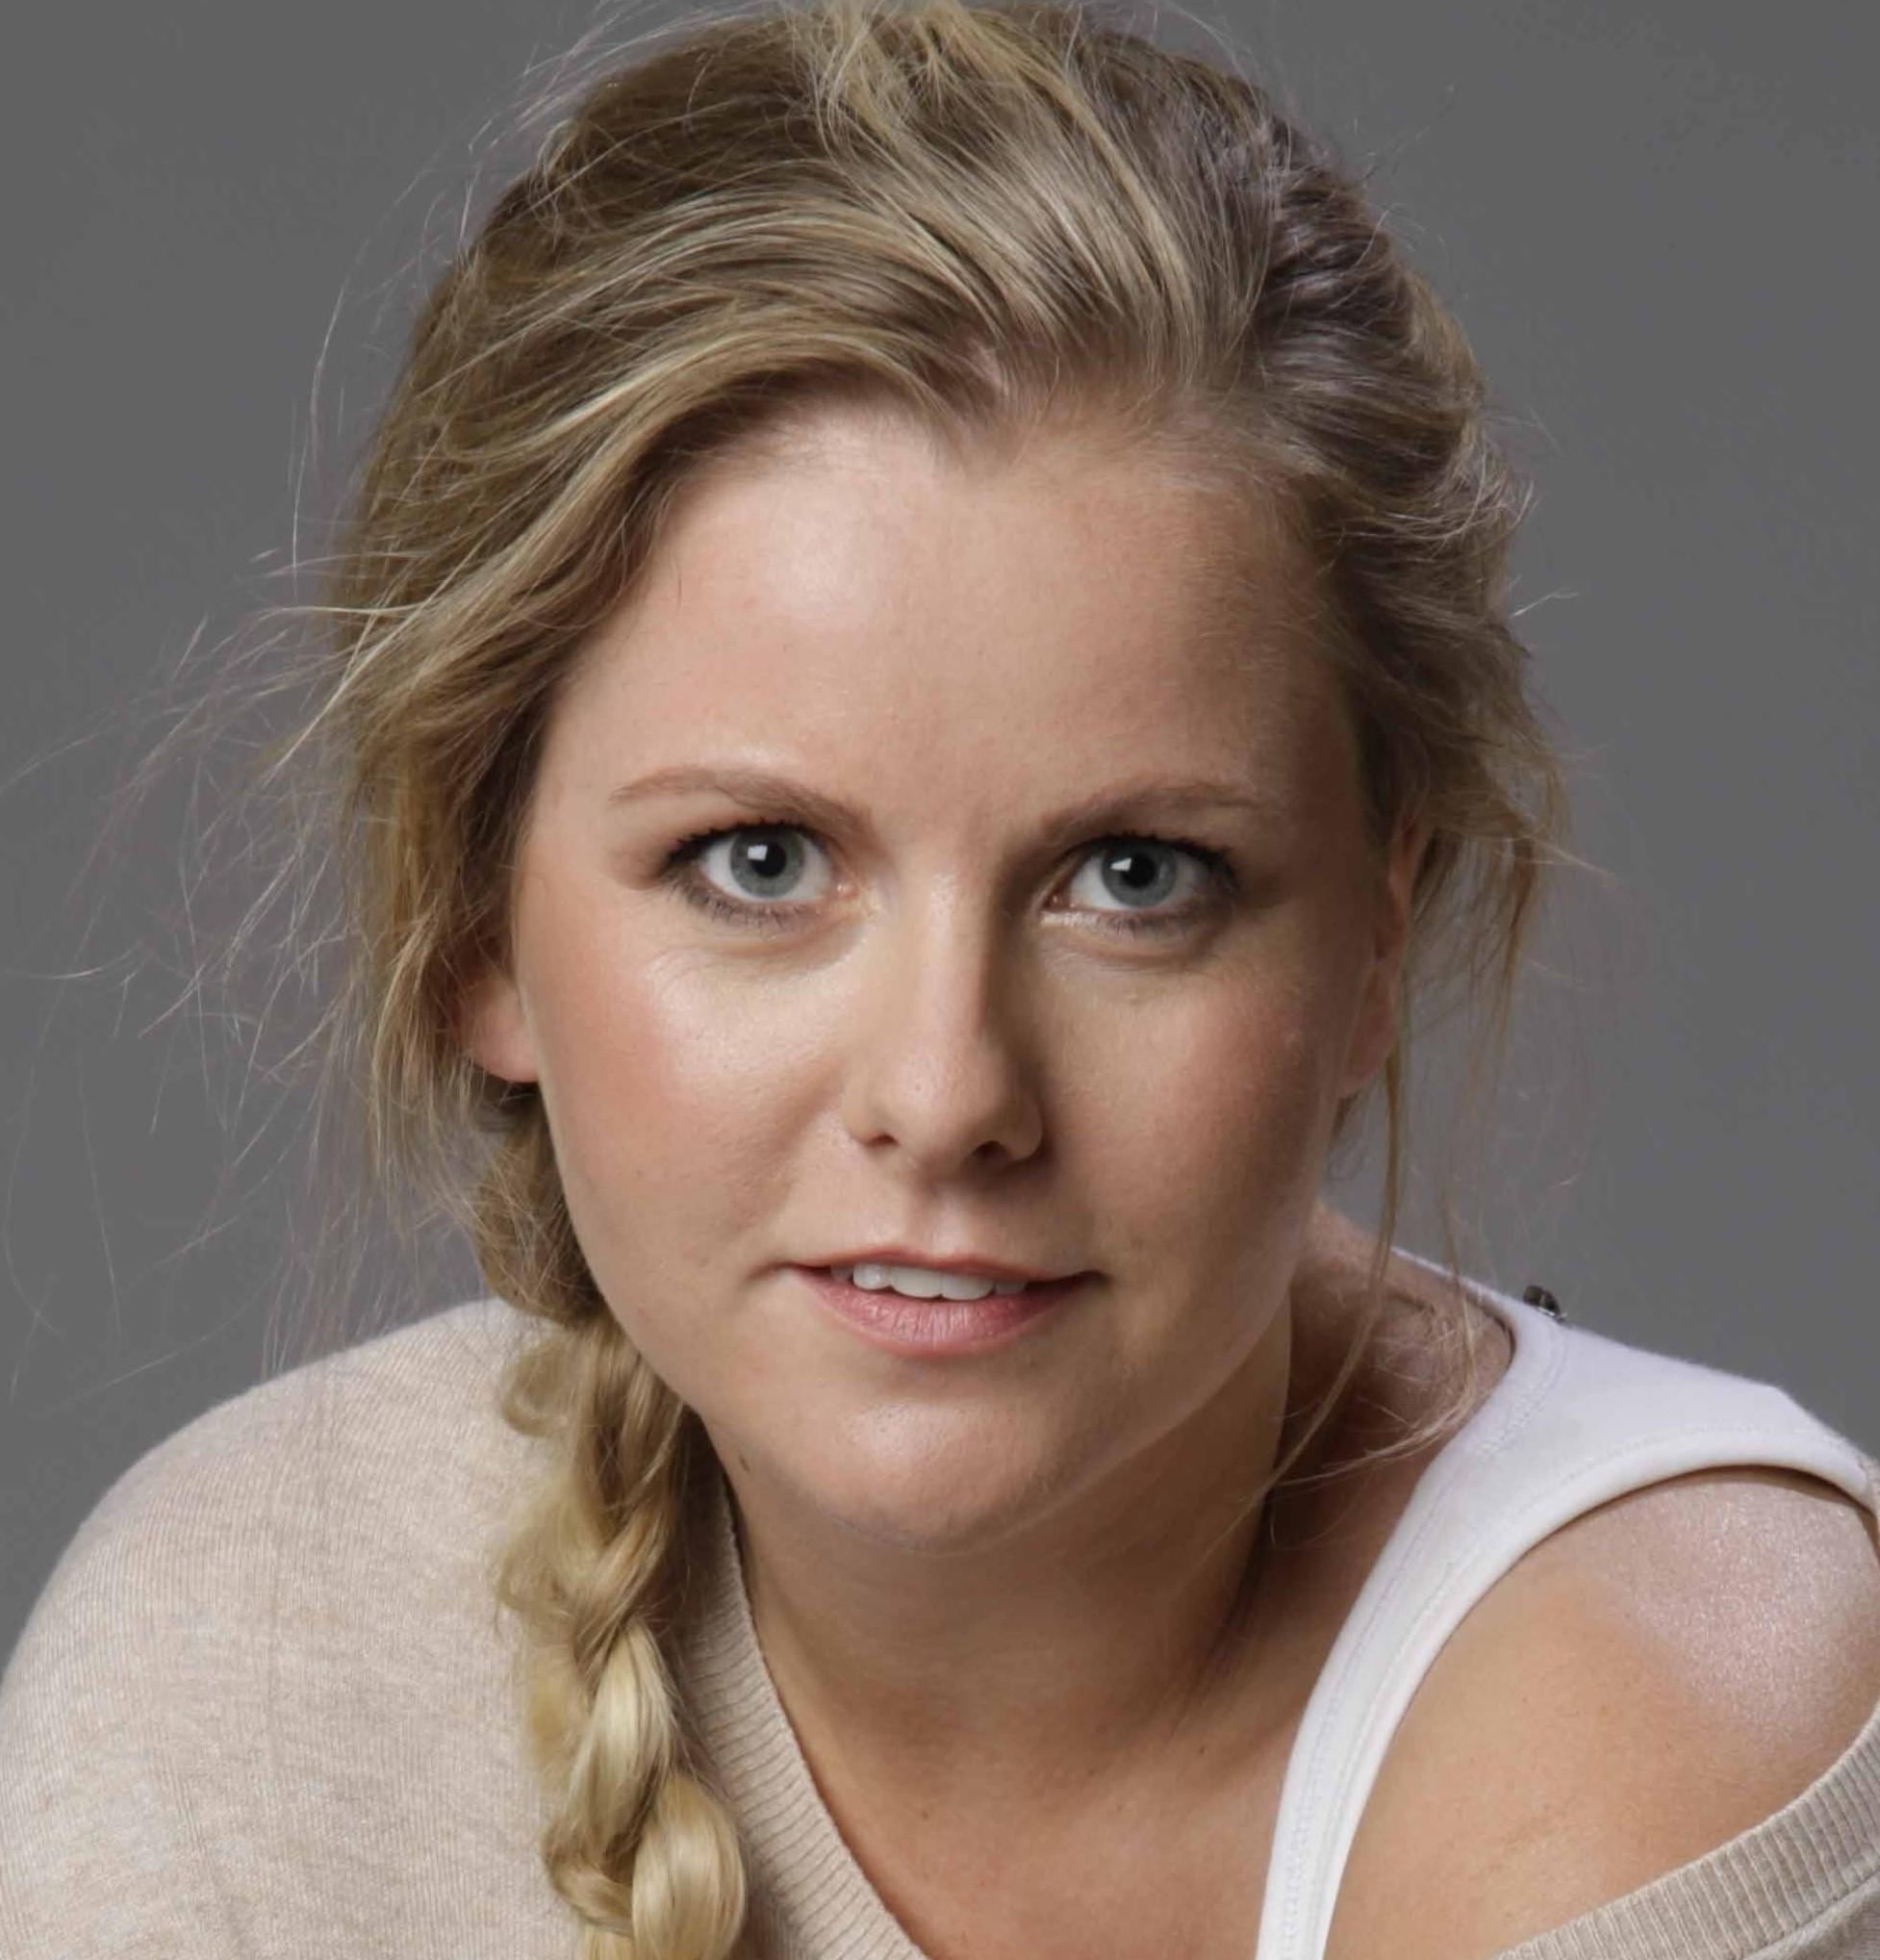 Shannon van Beek